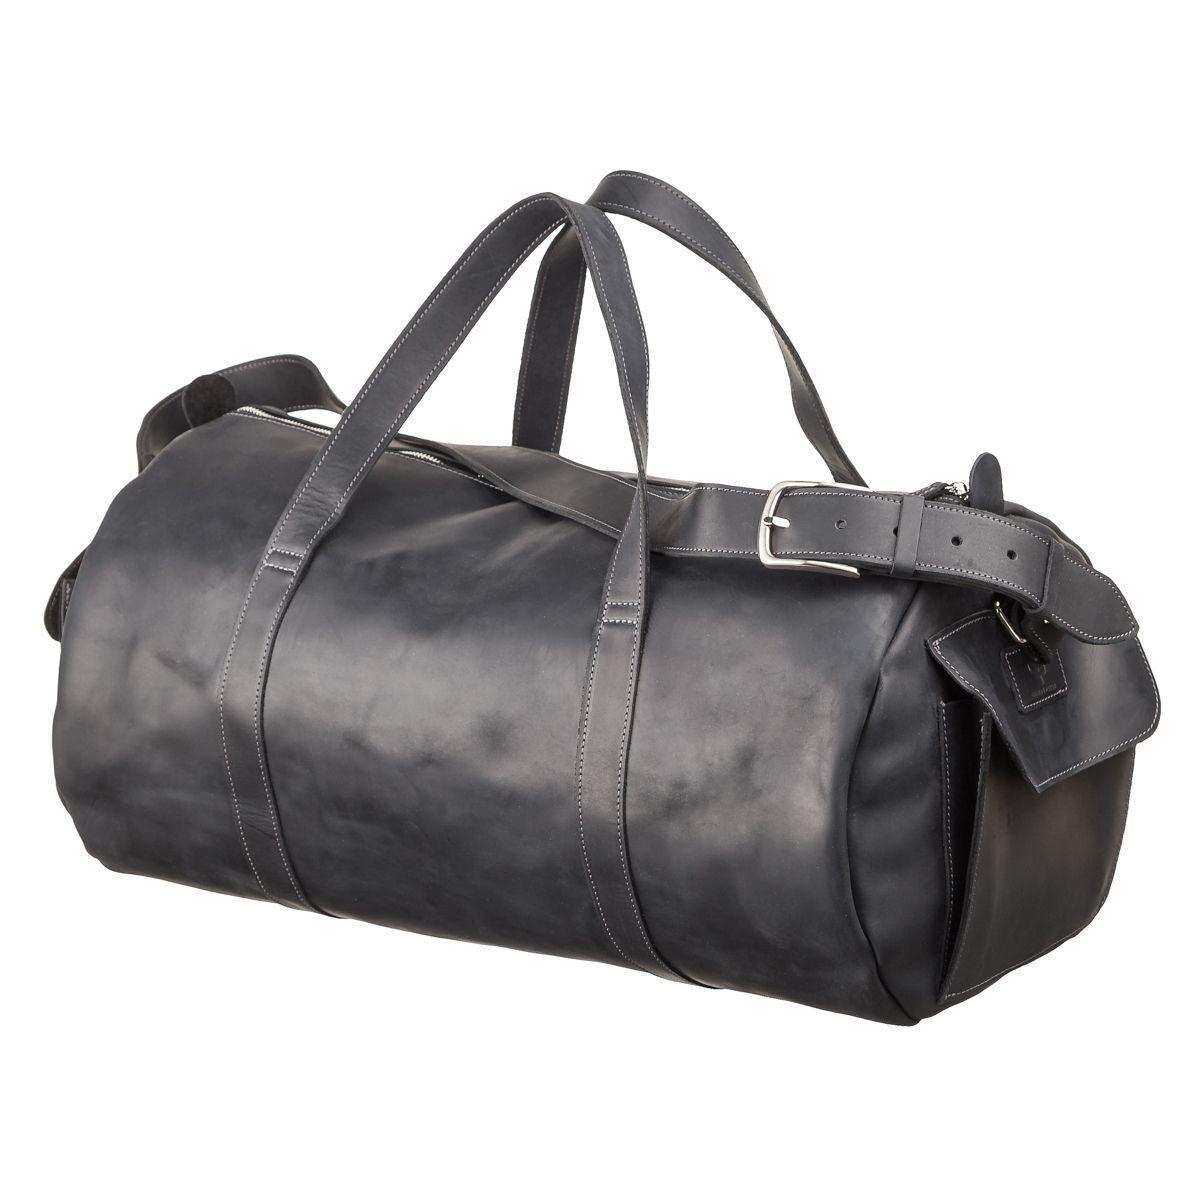 Сумка дорожная Grande Pelle из винтажной кожи черного цвета 11046